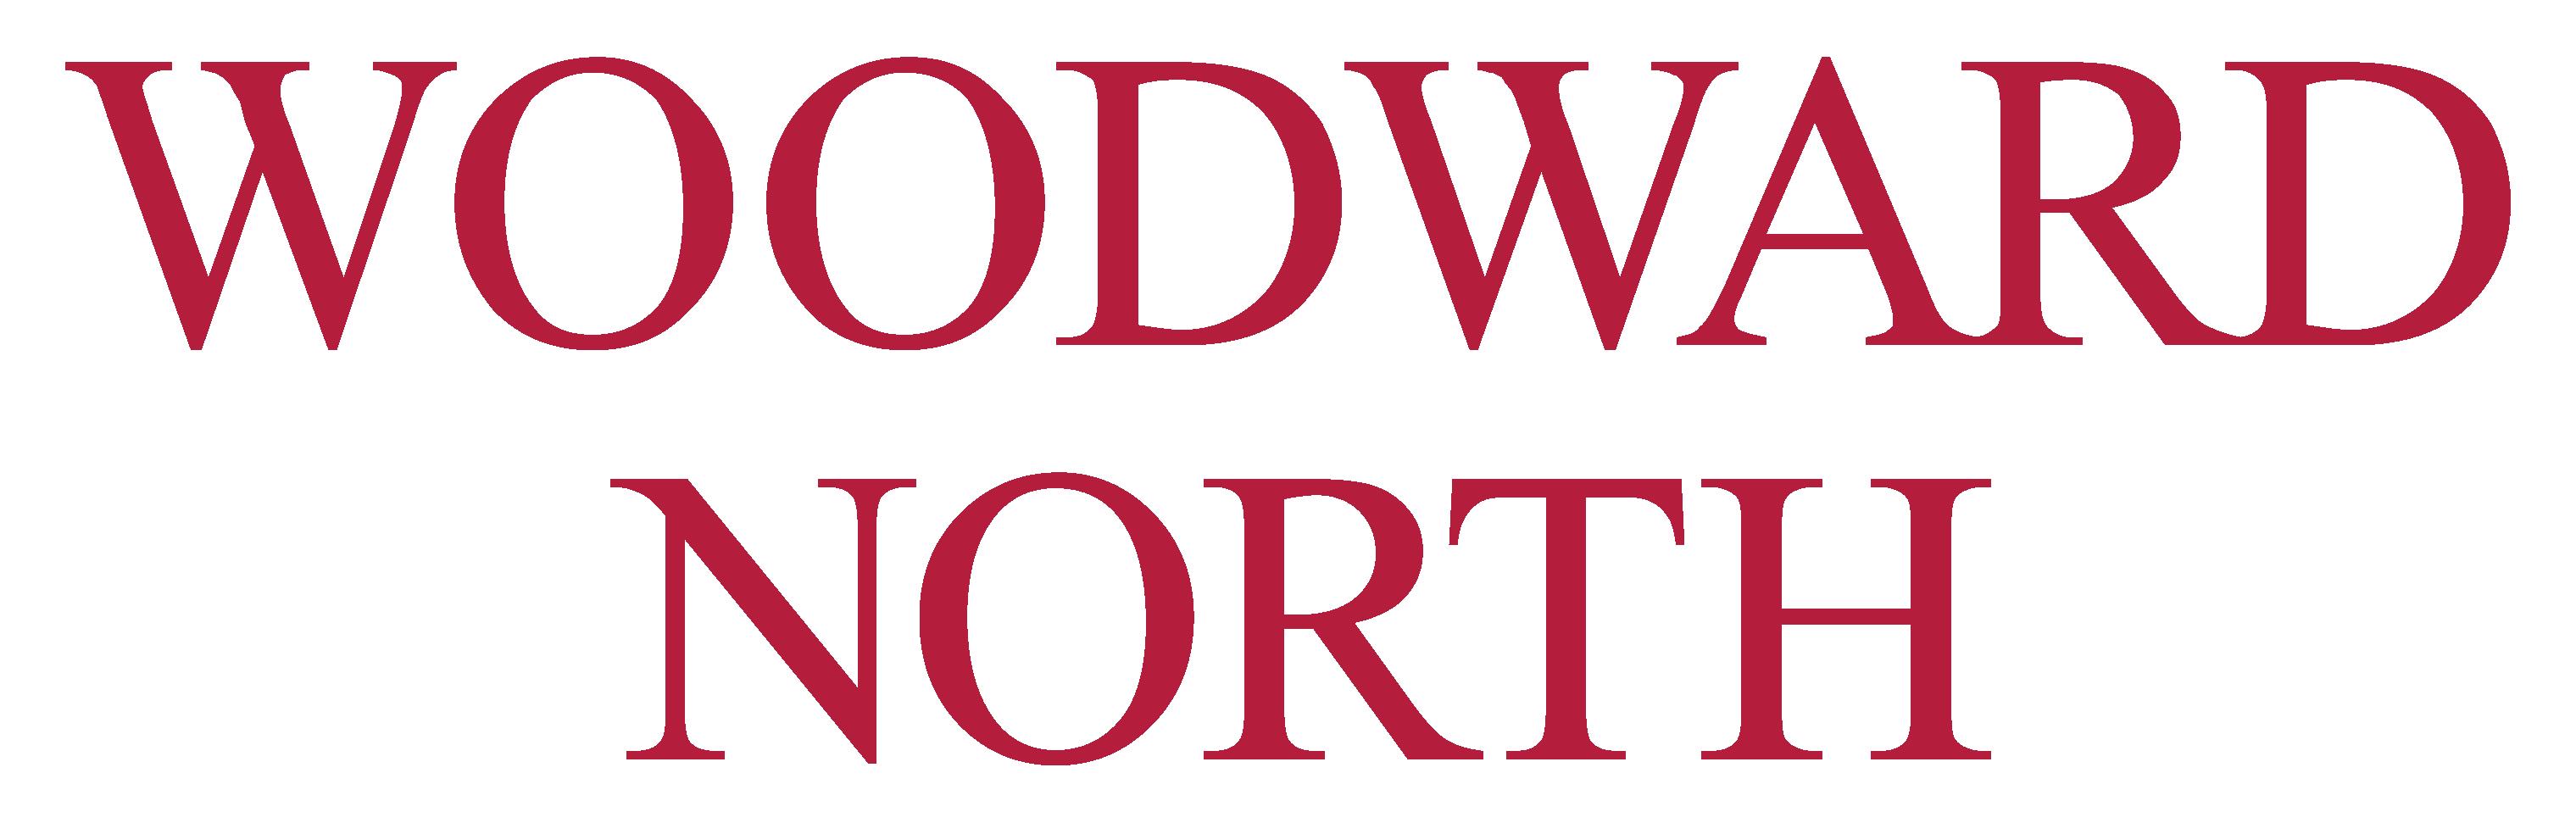 Woodward North